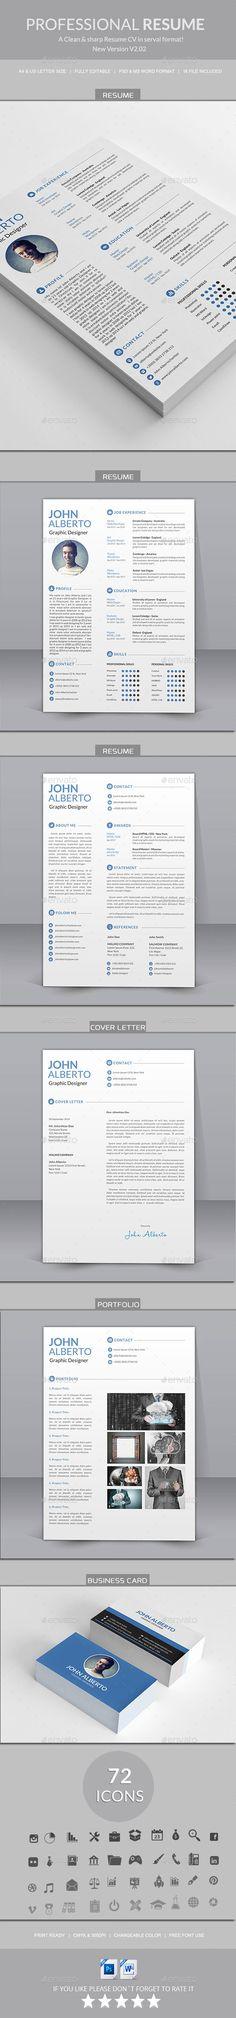 Blue And Black Resume  Skins  Clean Design